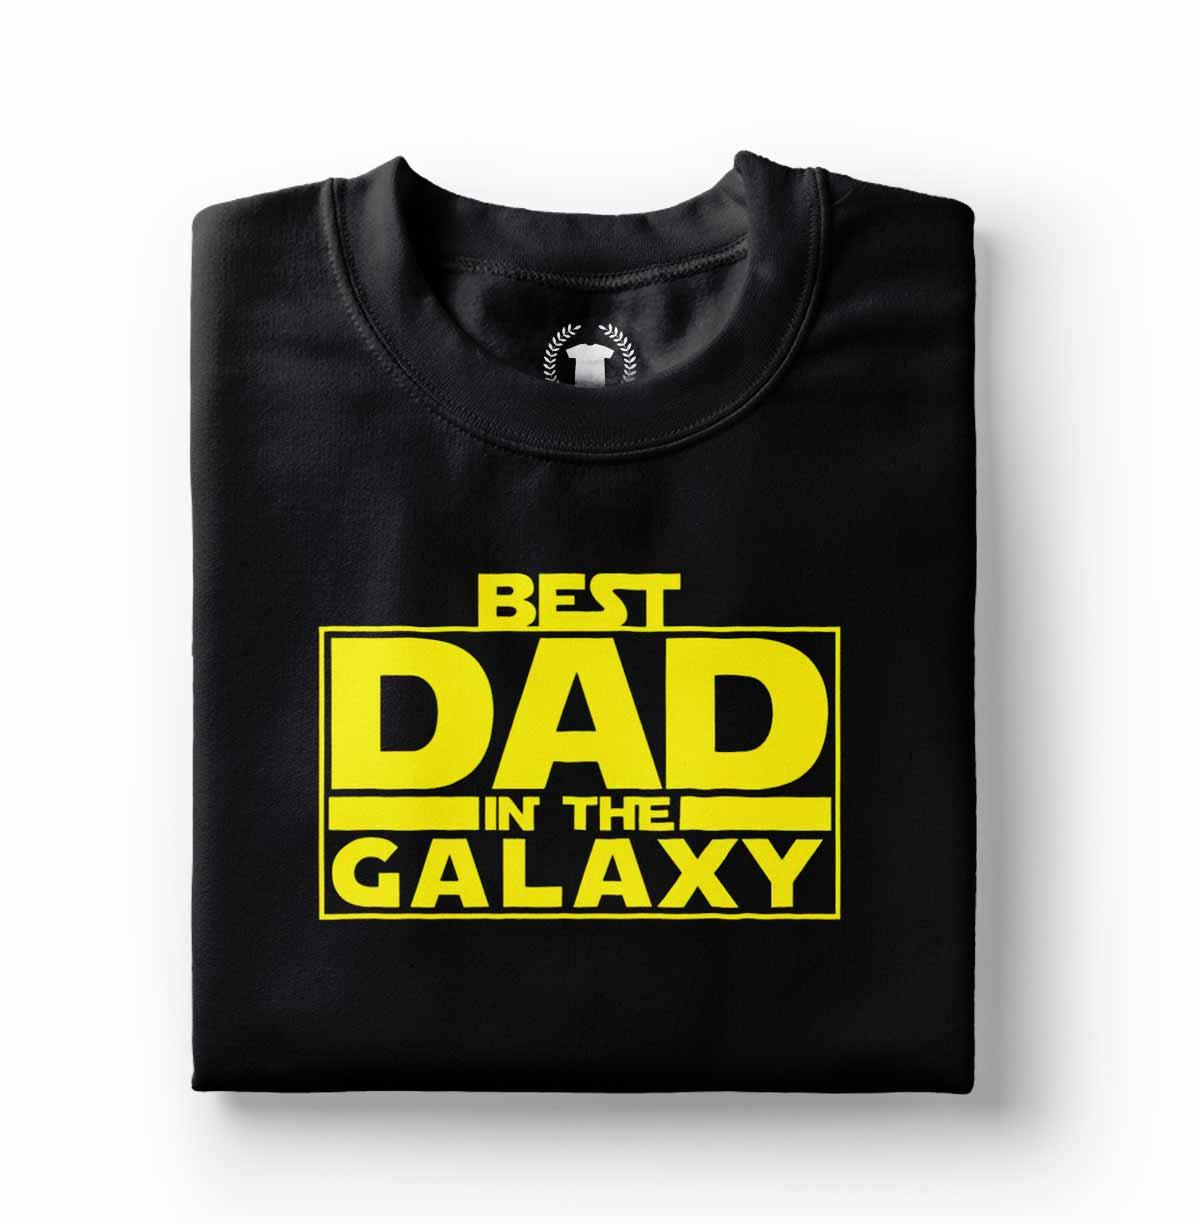 camisa o melhor pai da galaxia preta algodao